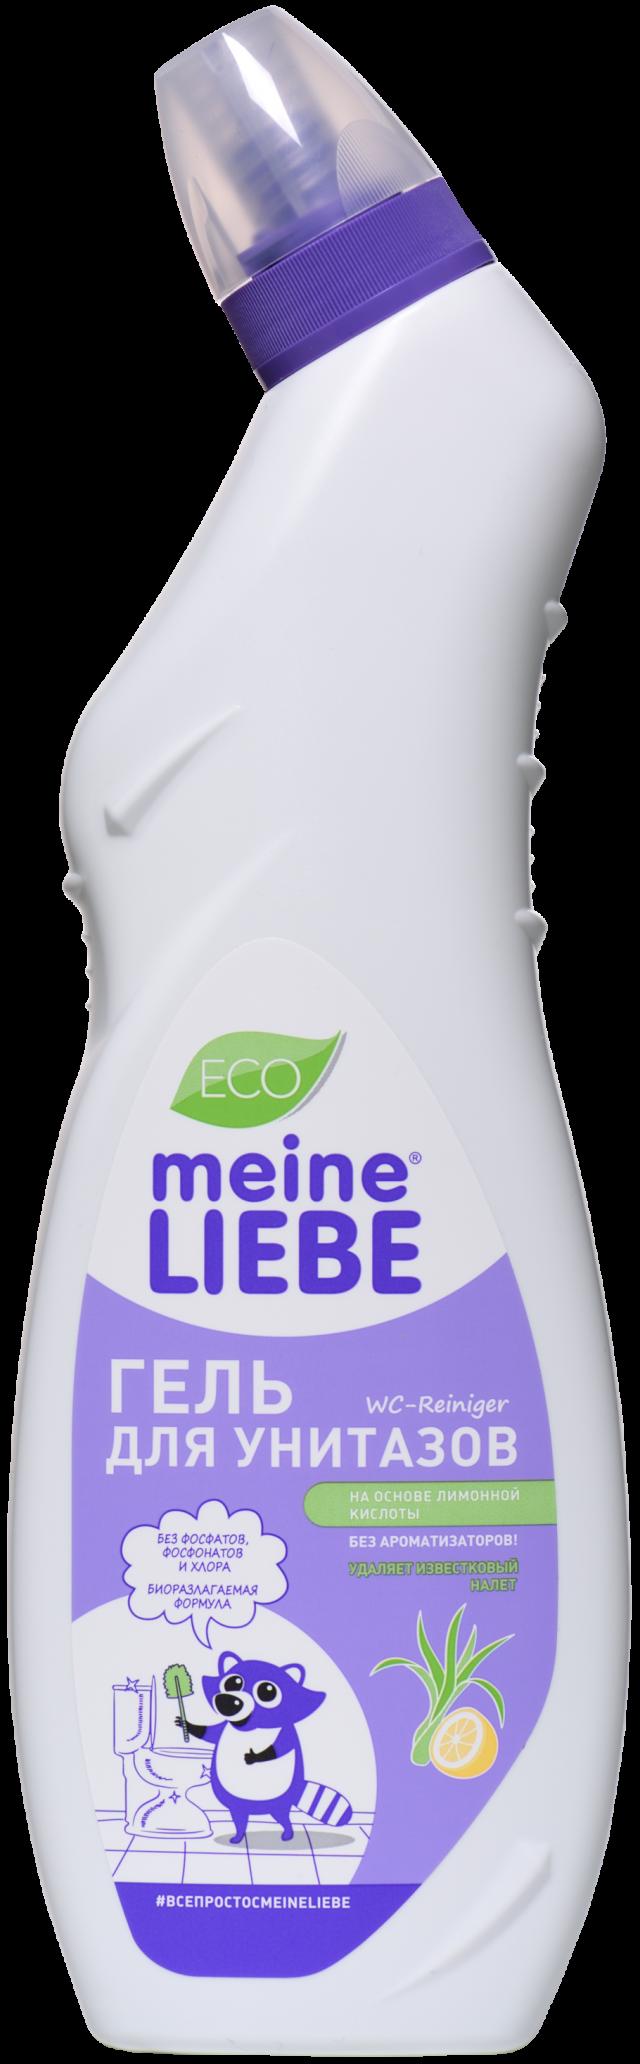 Майне Либе гель д/чистки унитазов лимон 750мл купить в Москве по цене от 0 рублей